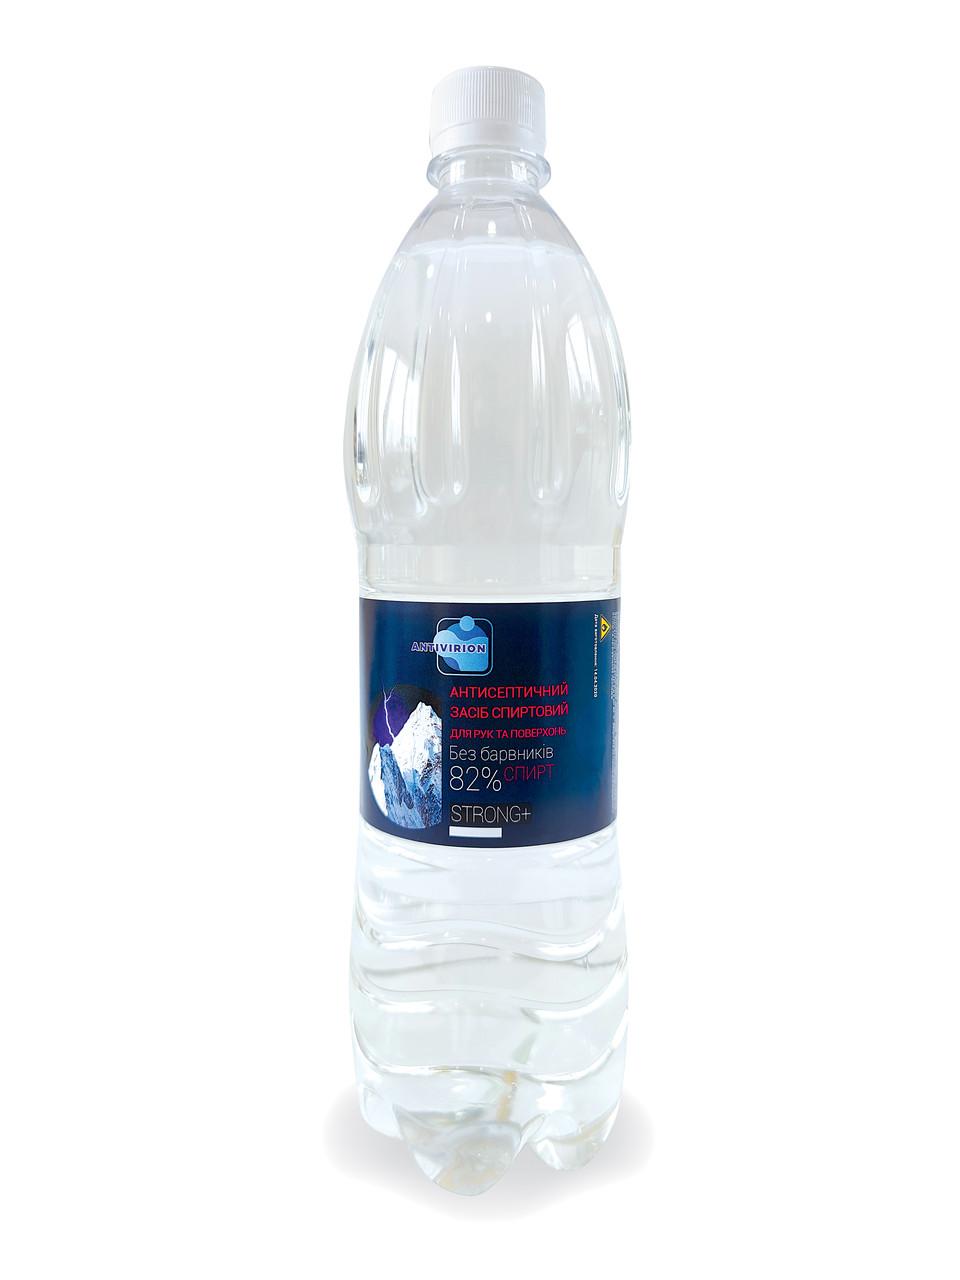 Антисептик 1 л спиртовой санитайзер Antivirion Strong+ 82% 1 л  дезинфектант для рук и поверхностей